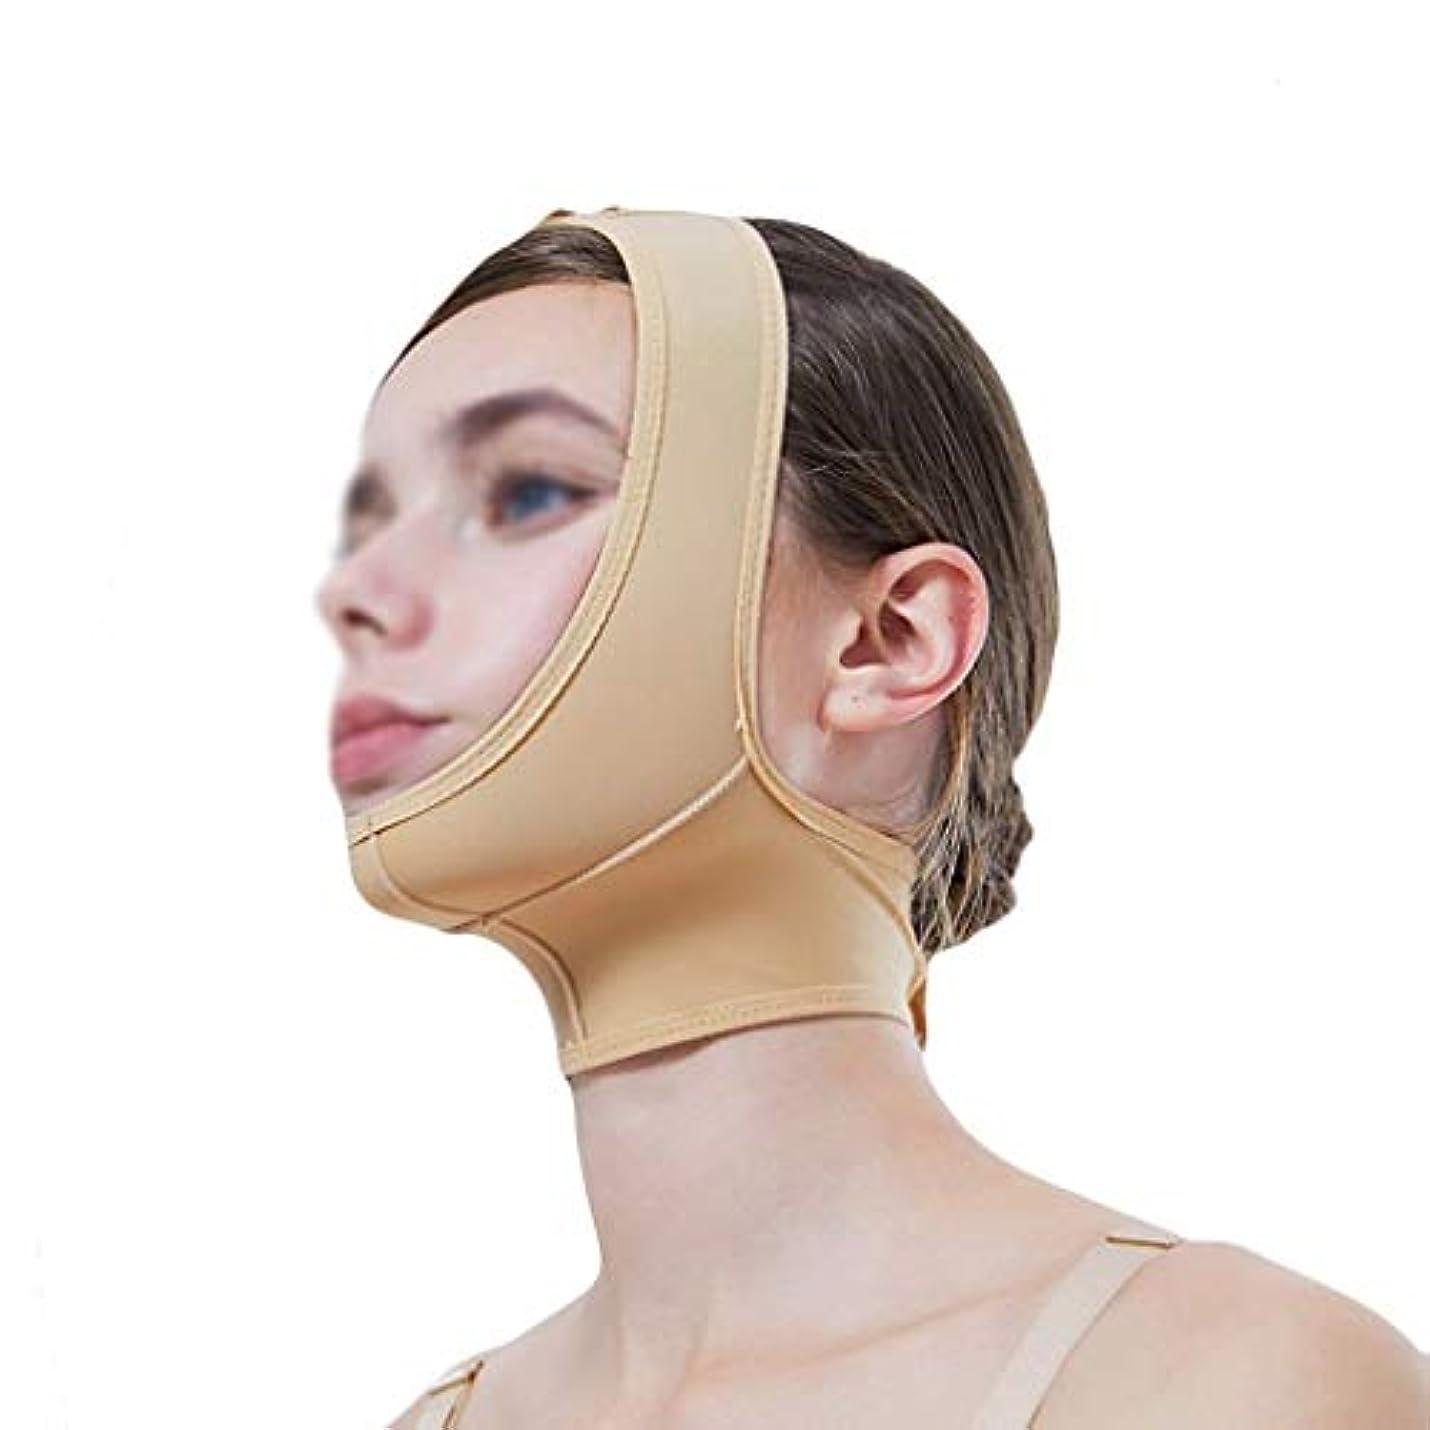 束ねる数今日マスク、超薄型ベルト、フェイスリフティングに適し、フェイスリフティング、通気性包帯、あご取りベルト、超薄型ベルト、通気性(サイズ:XL),XS